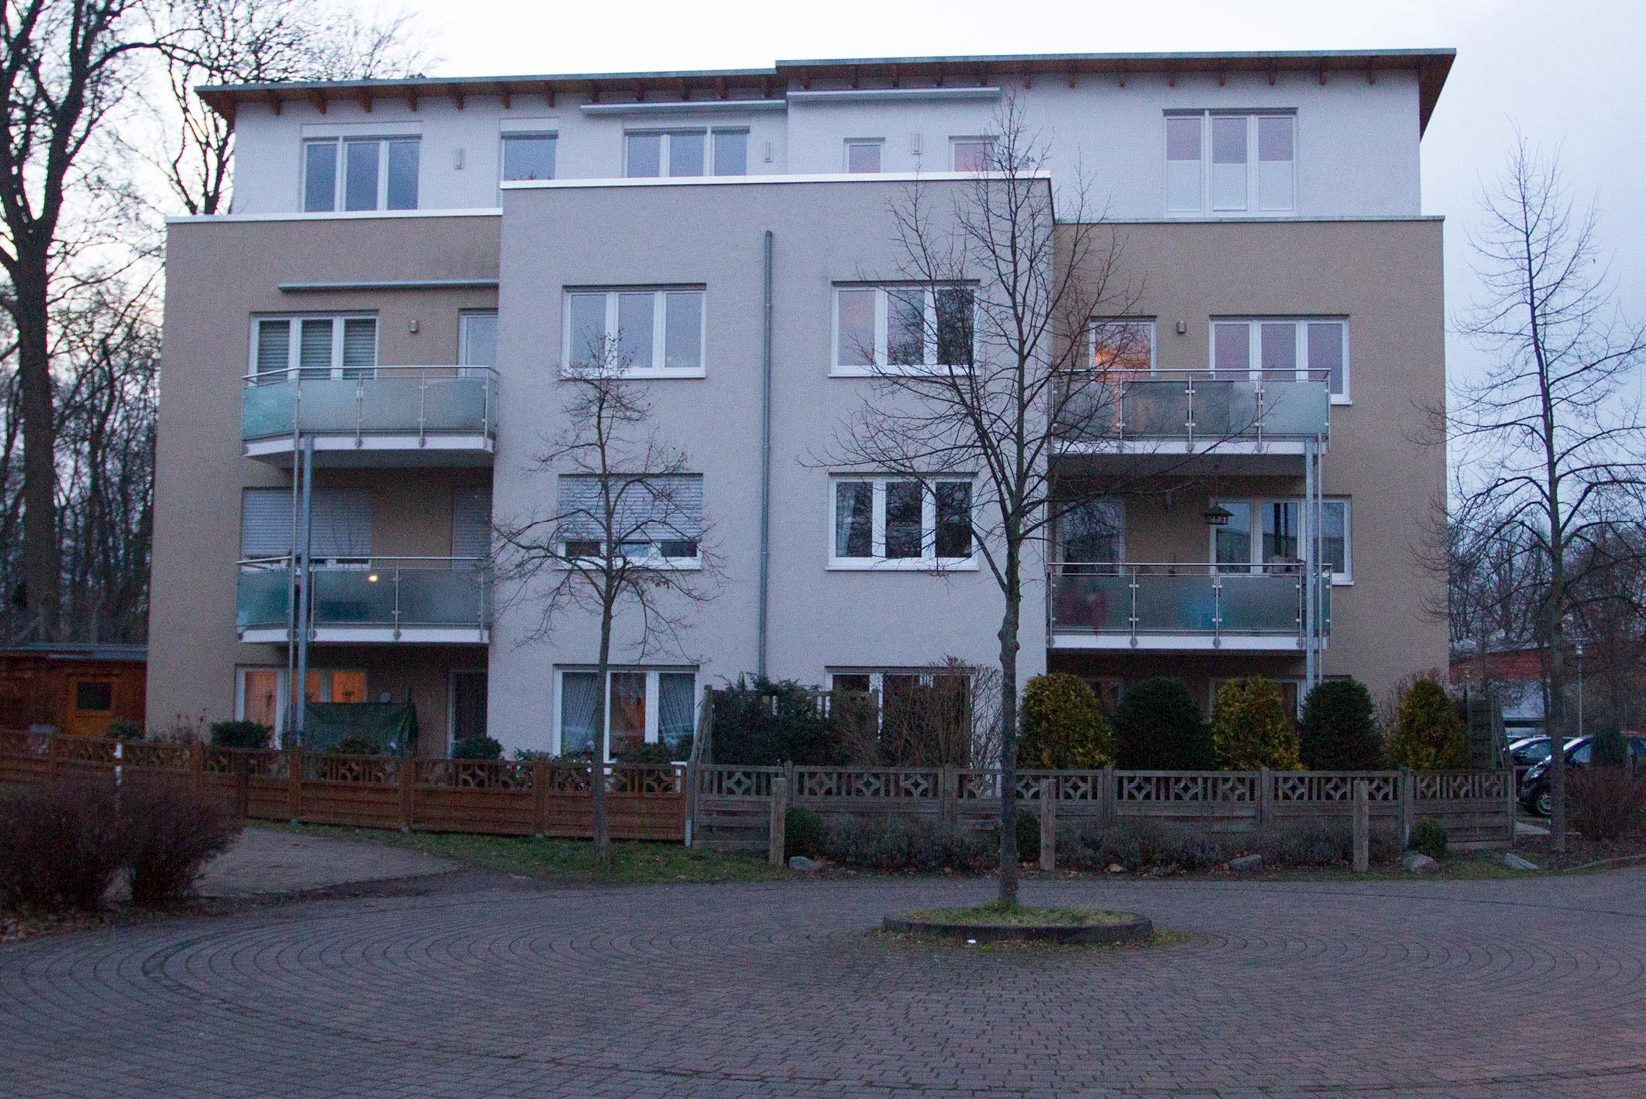 Bauunternehmen Meinert - Mehrere Familien in einem Haus